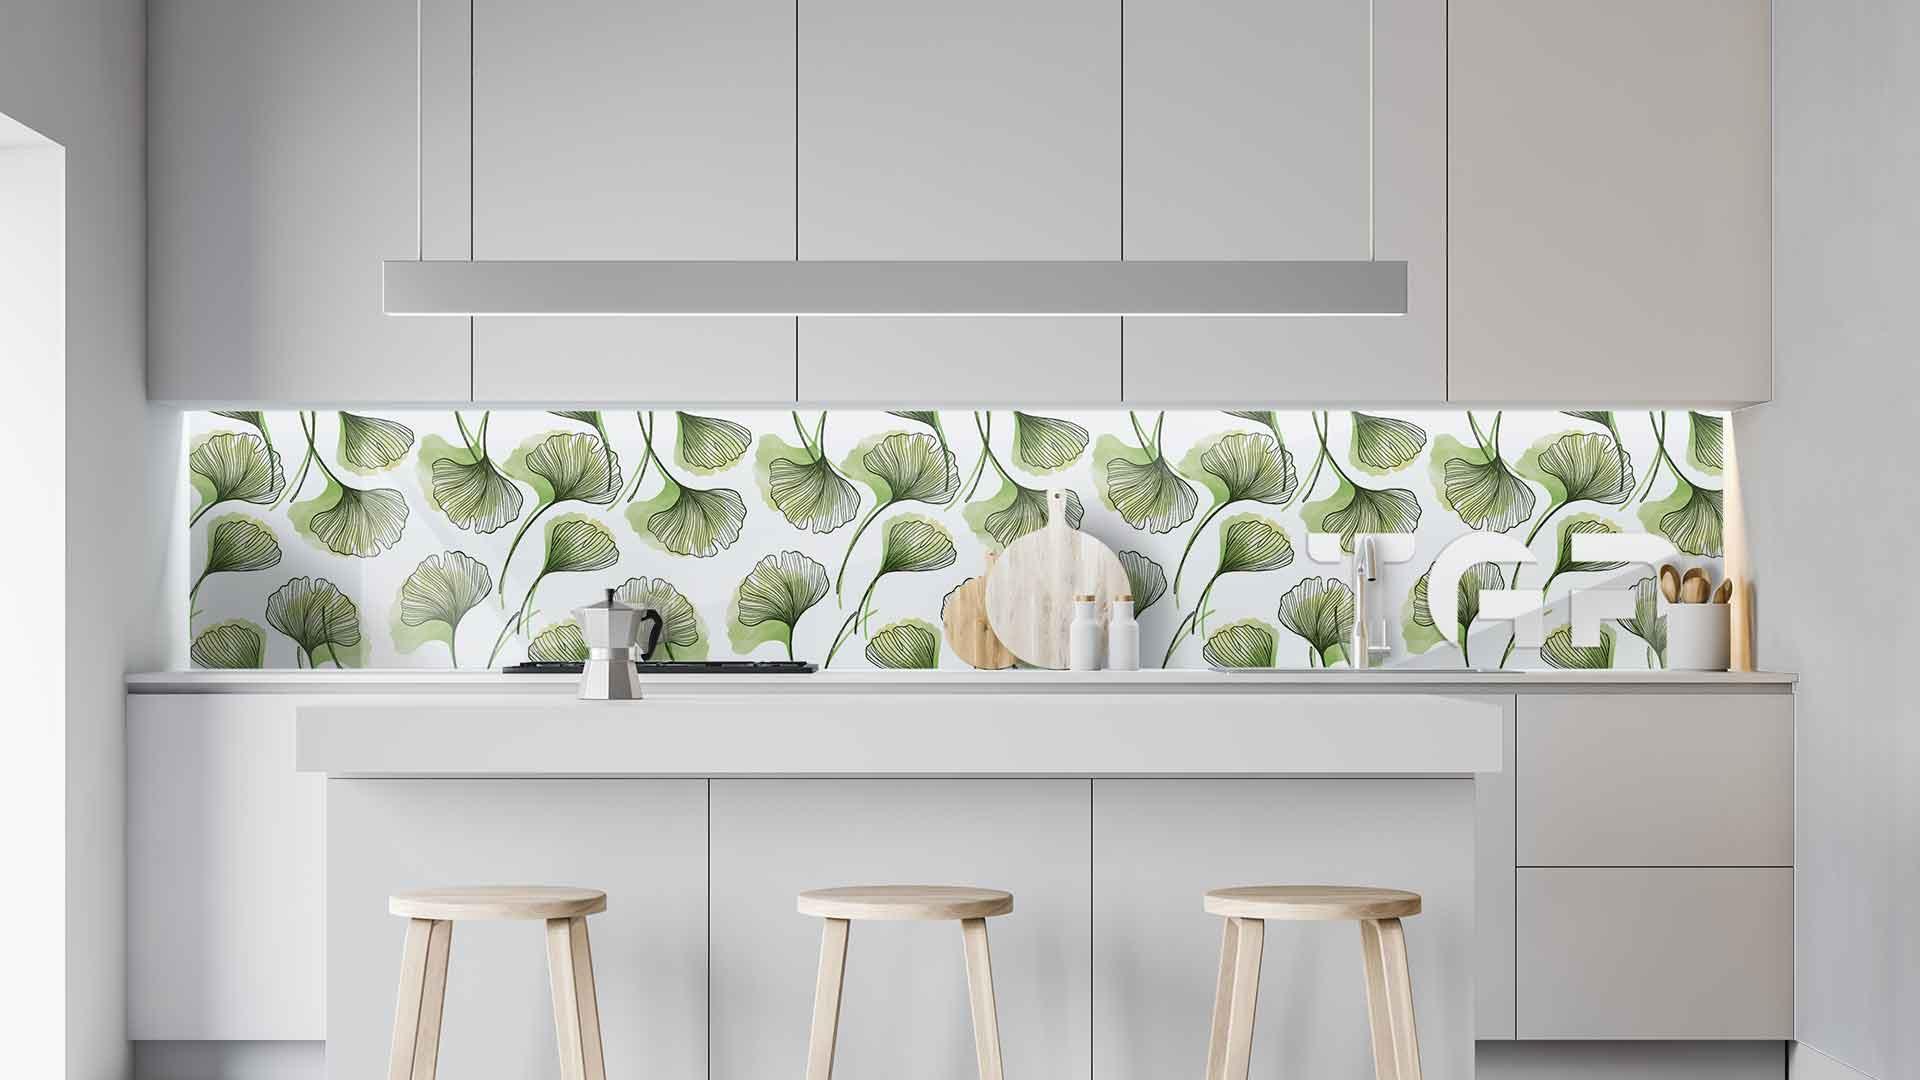 LEF009 sticlă printată bucătărie contrablat